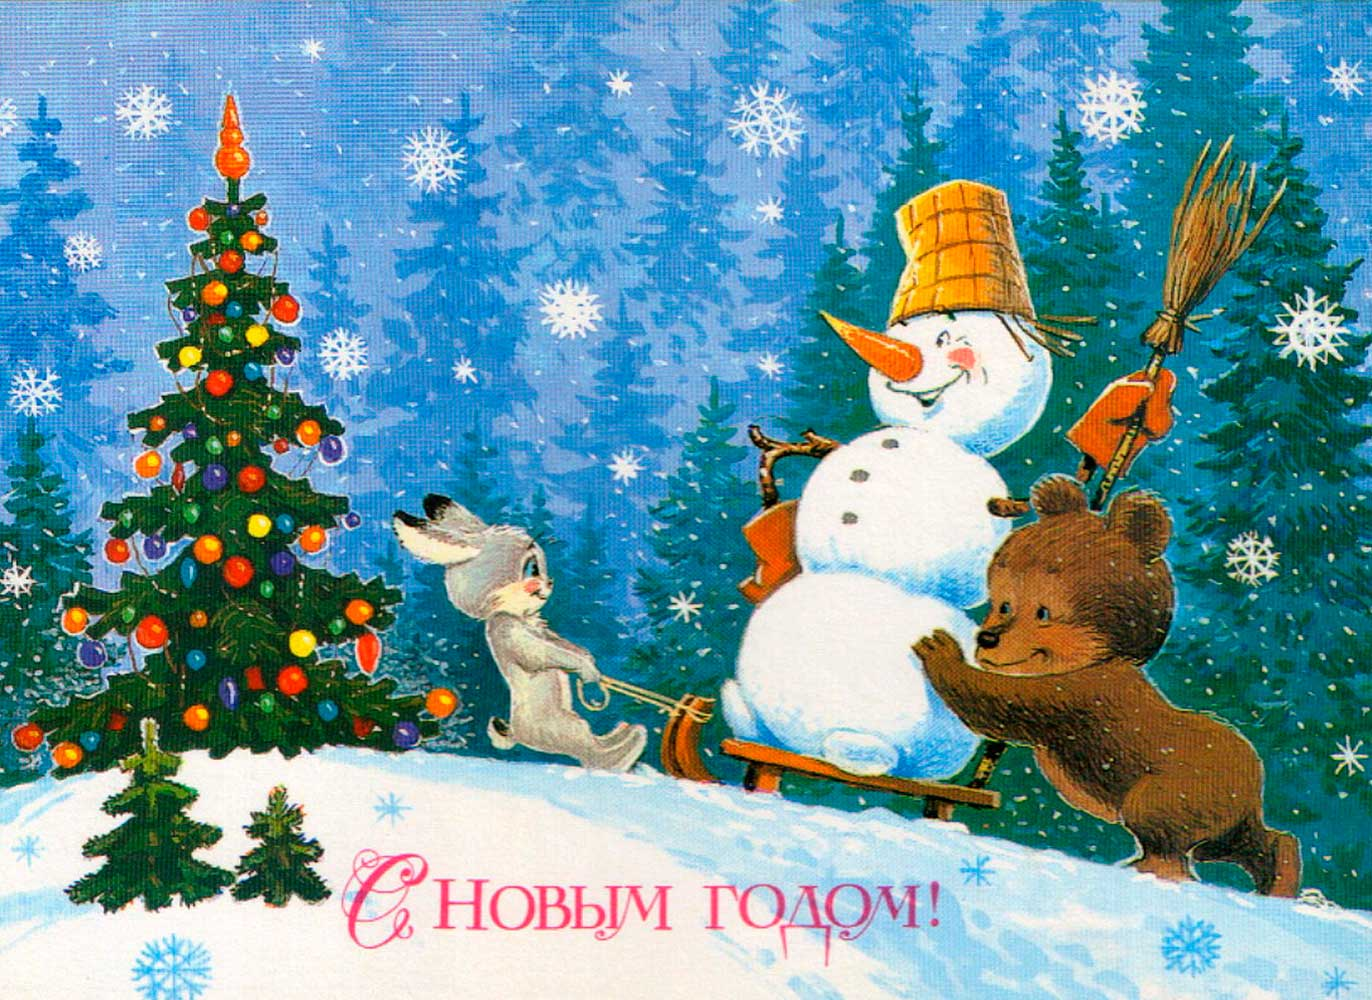 Рисованные картинки поздравления с новым годом, для изготовление